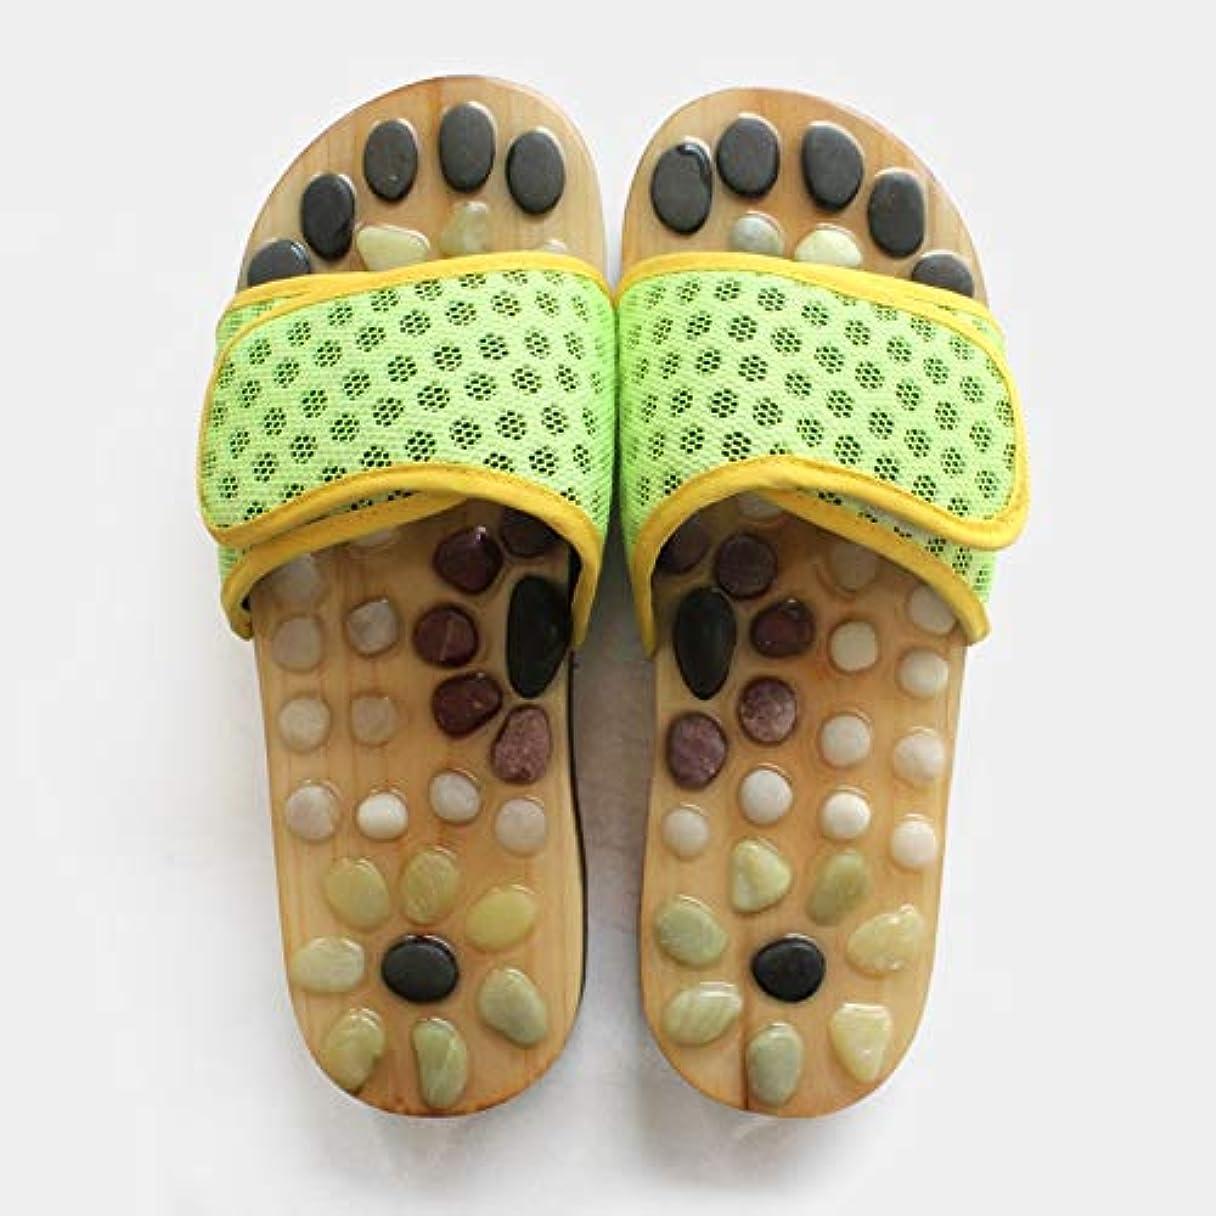 データクリスチャンストロークCornelius 天然玉石のマッサージの靴屋内健康の夏の家の鍼治療の靴の緑 (Color : Green, Size : 42)